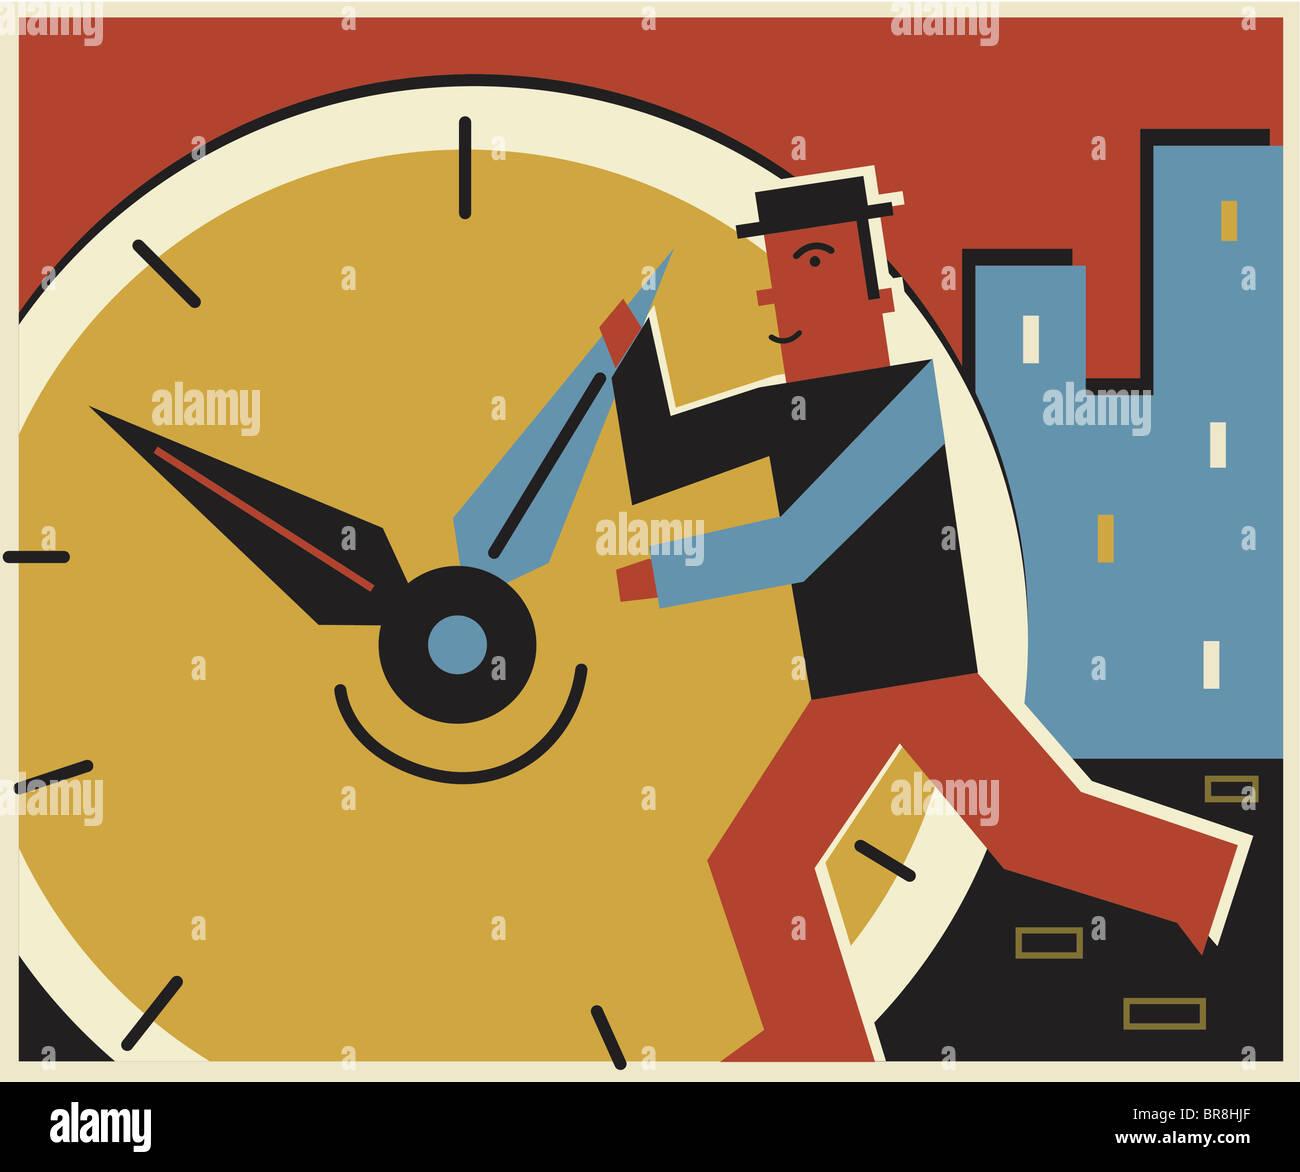 Un hombre cambiando la hora en un reloj Imagen De Stock